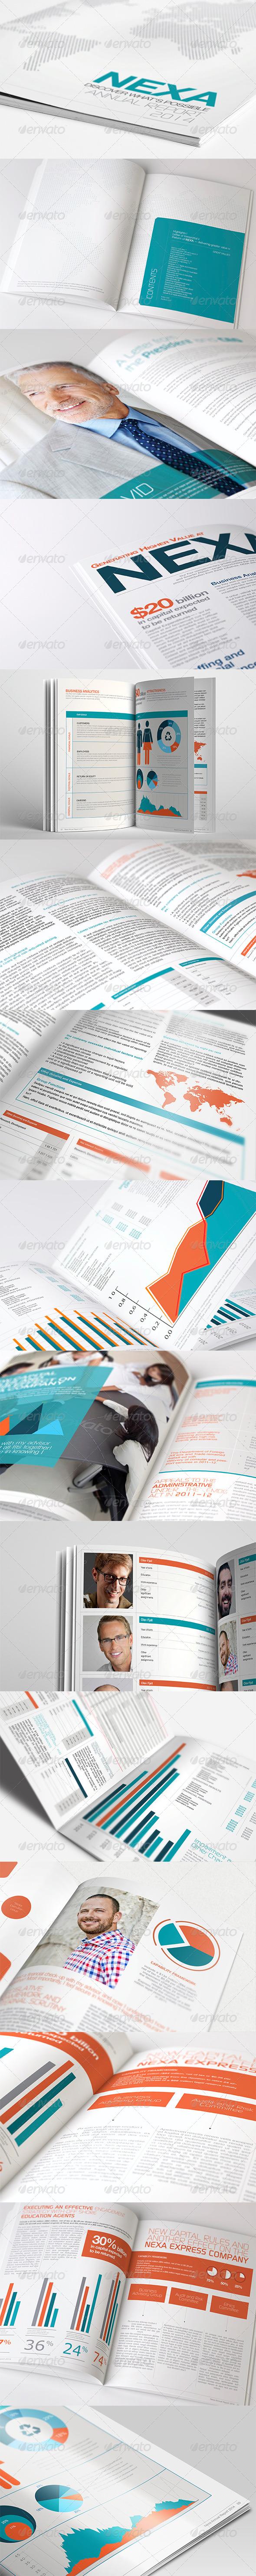 GraphicRiver Annual Report Brochure Ver 3.0 4280498